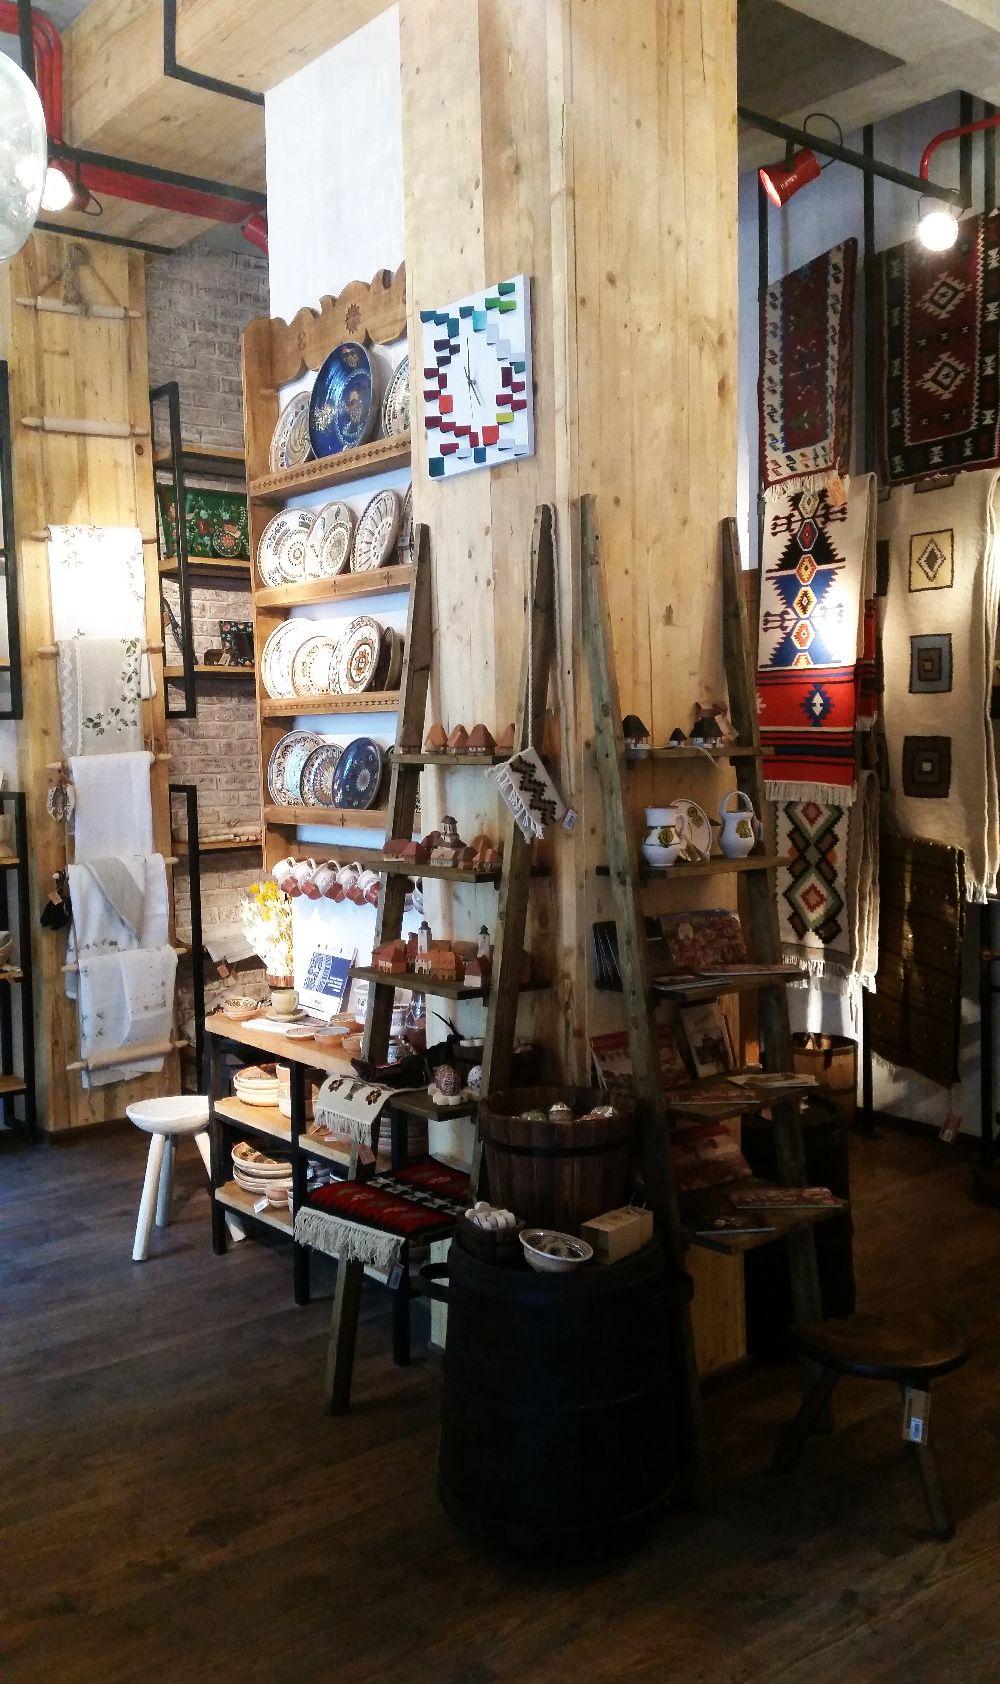 adelaparvu.com despremagazin cu obiecte traditionale, My Romanian Store Bucharest (6)